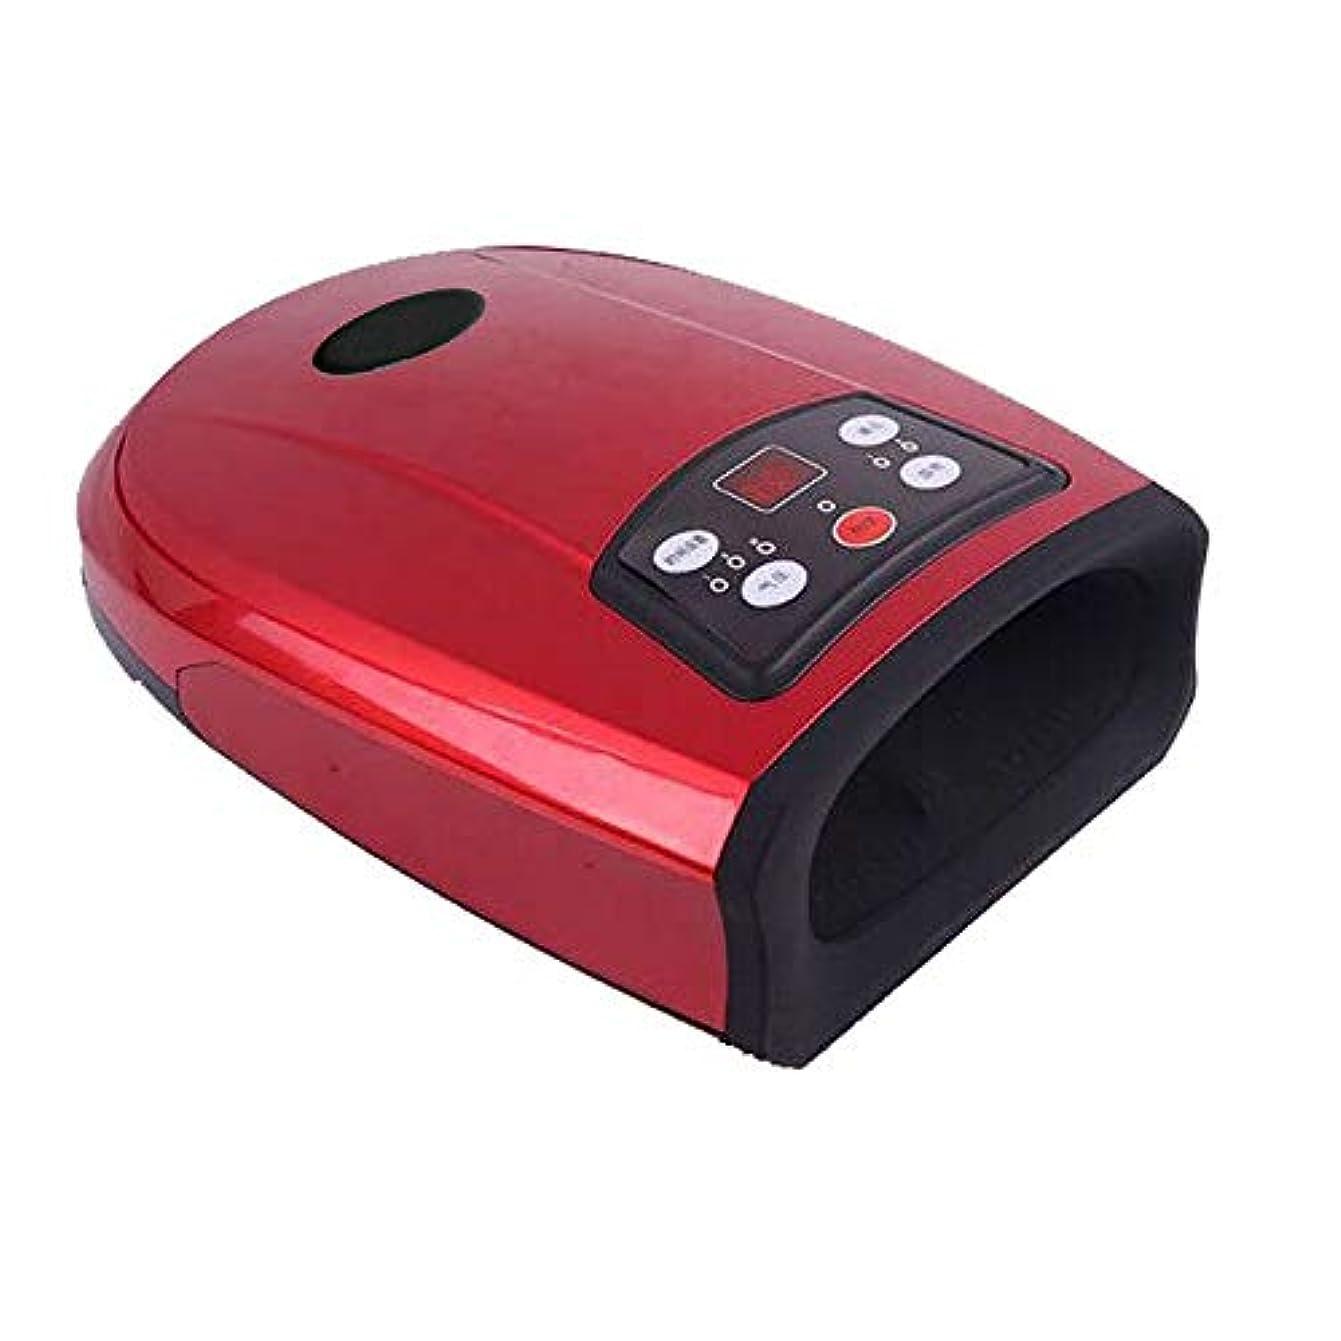 変色する致命的ちらつき指のための空気圧熱圧縮装置が付いている指圧のやし手のマッサージ緊張のしびれの救助および血の循環の加速,Red